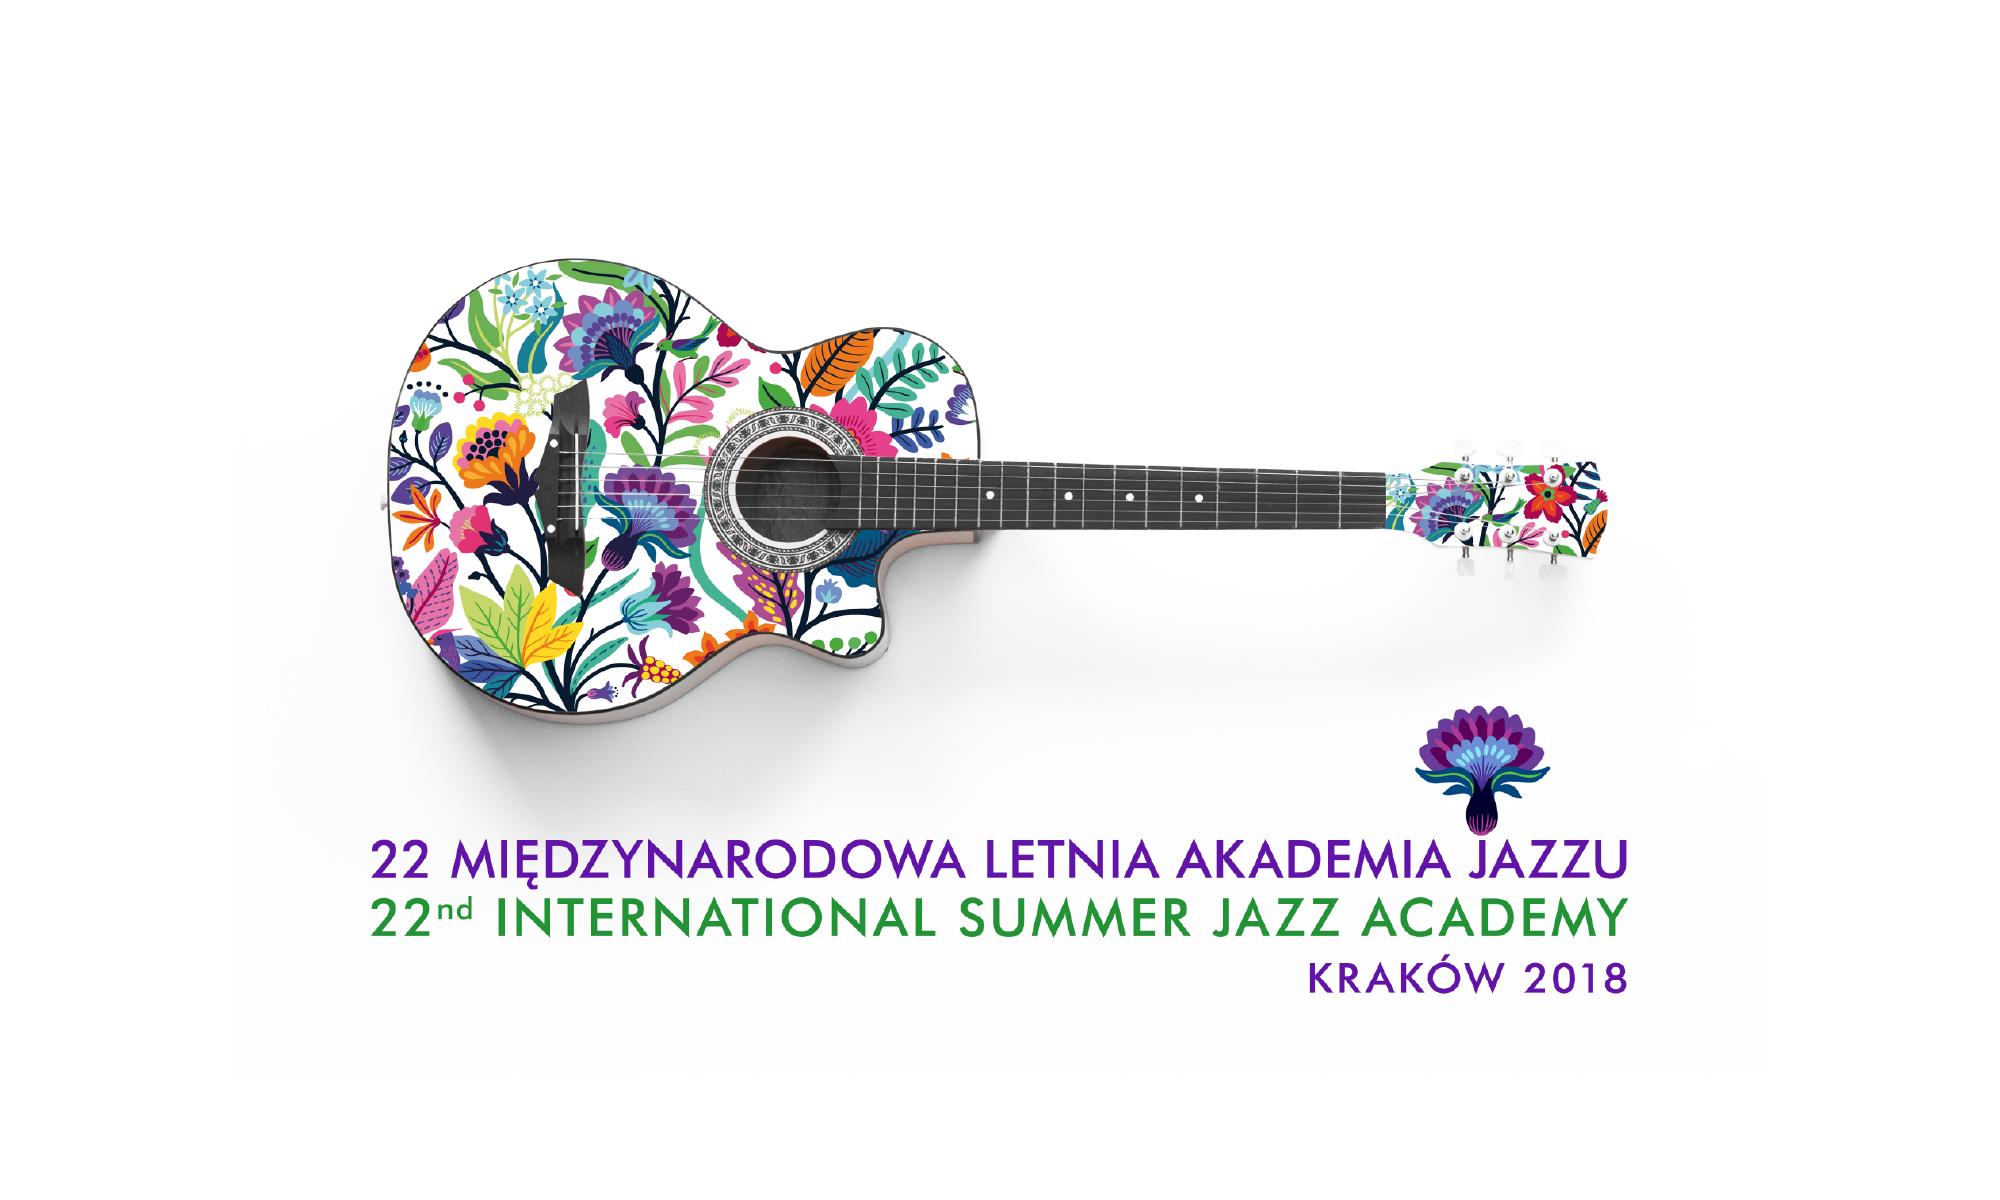 Krakowska Szkoła Jazzu i Muzyki Rozrywkowej | Krakow School of Jazz and Contemporary Music